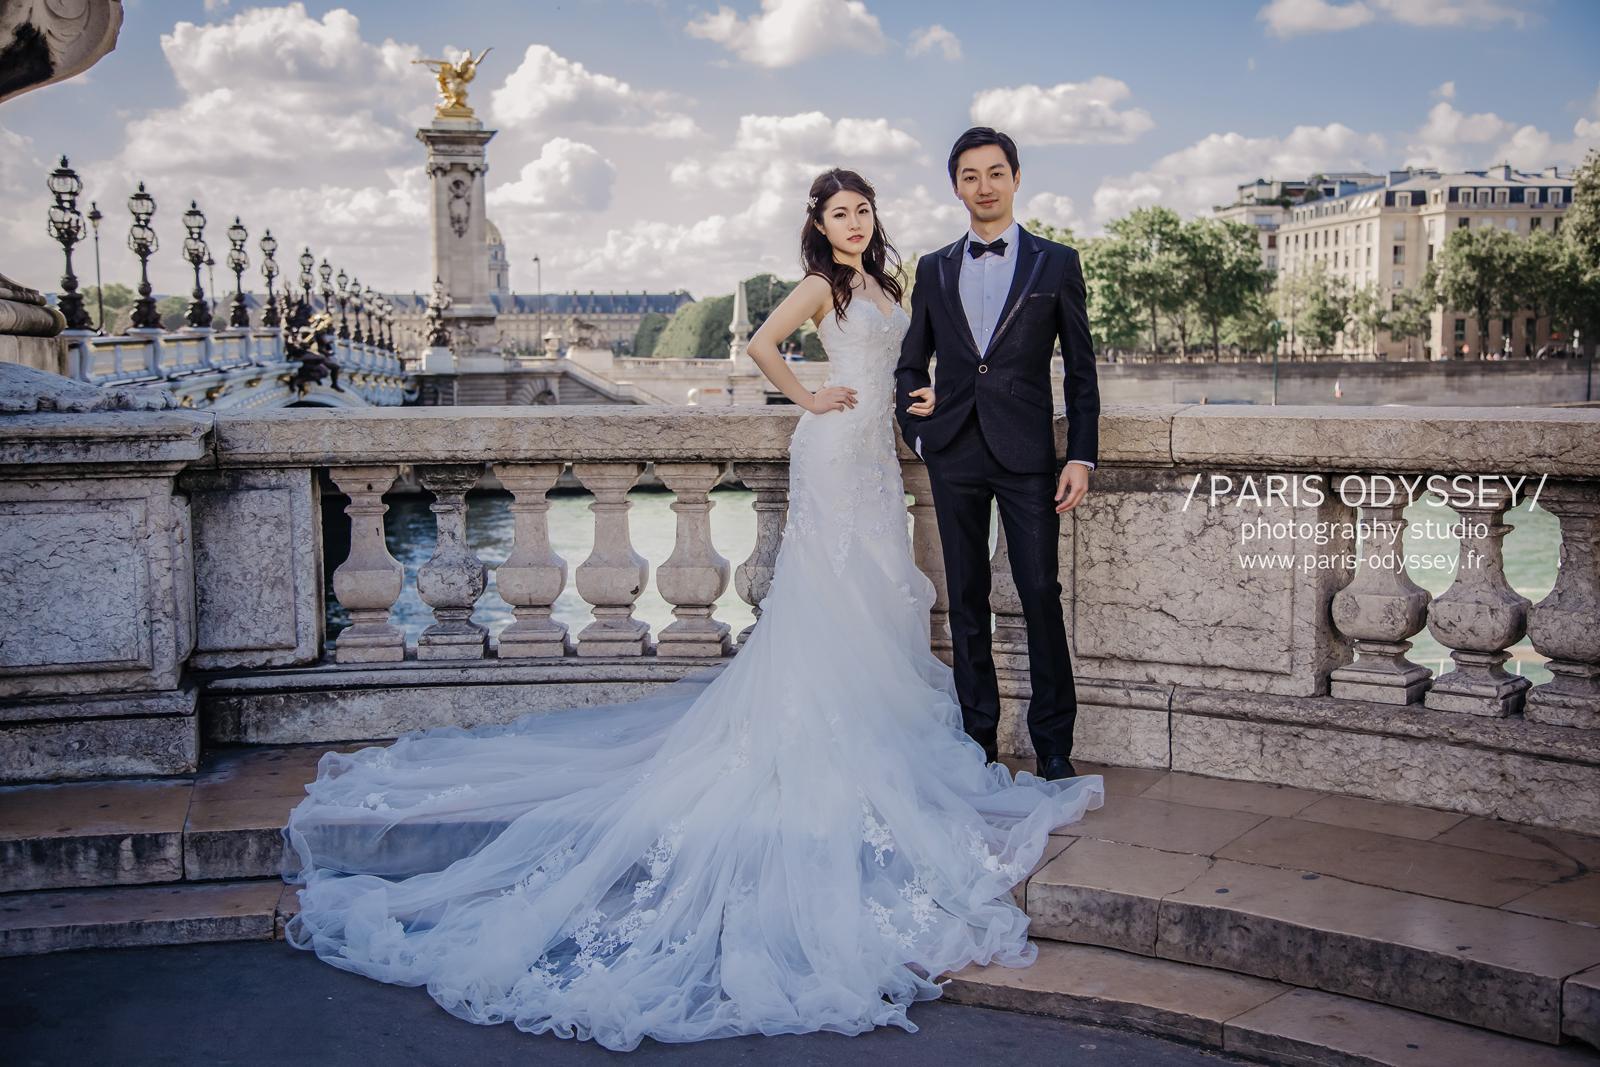 巴黎婚紗 巴黎拍婚紗 巴黎婚照